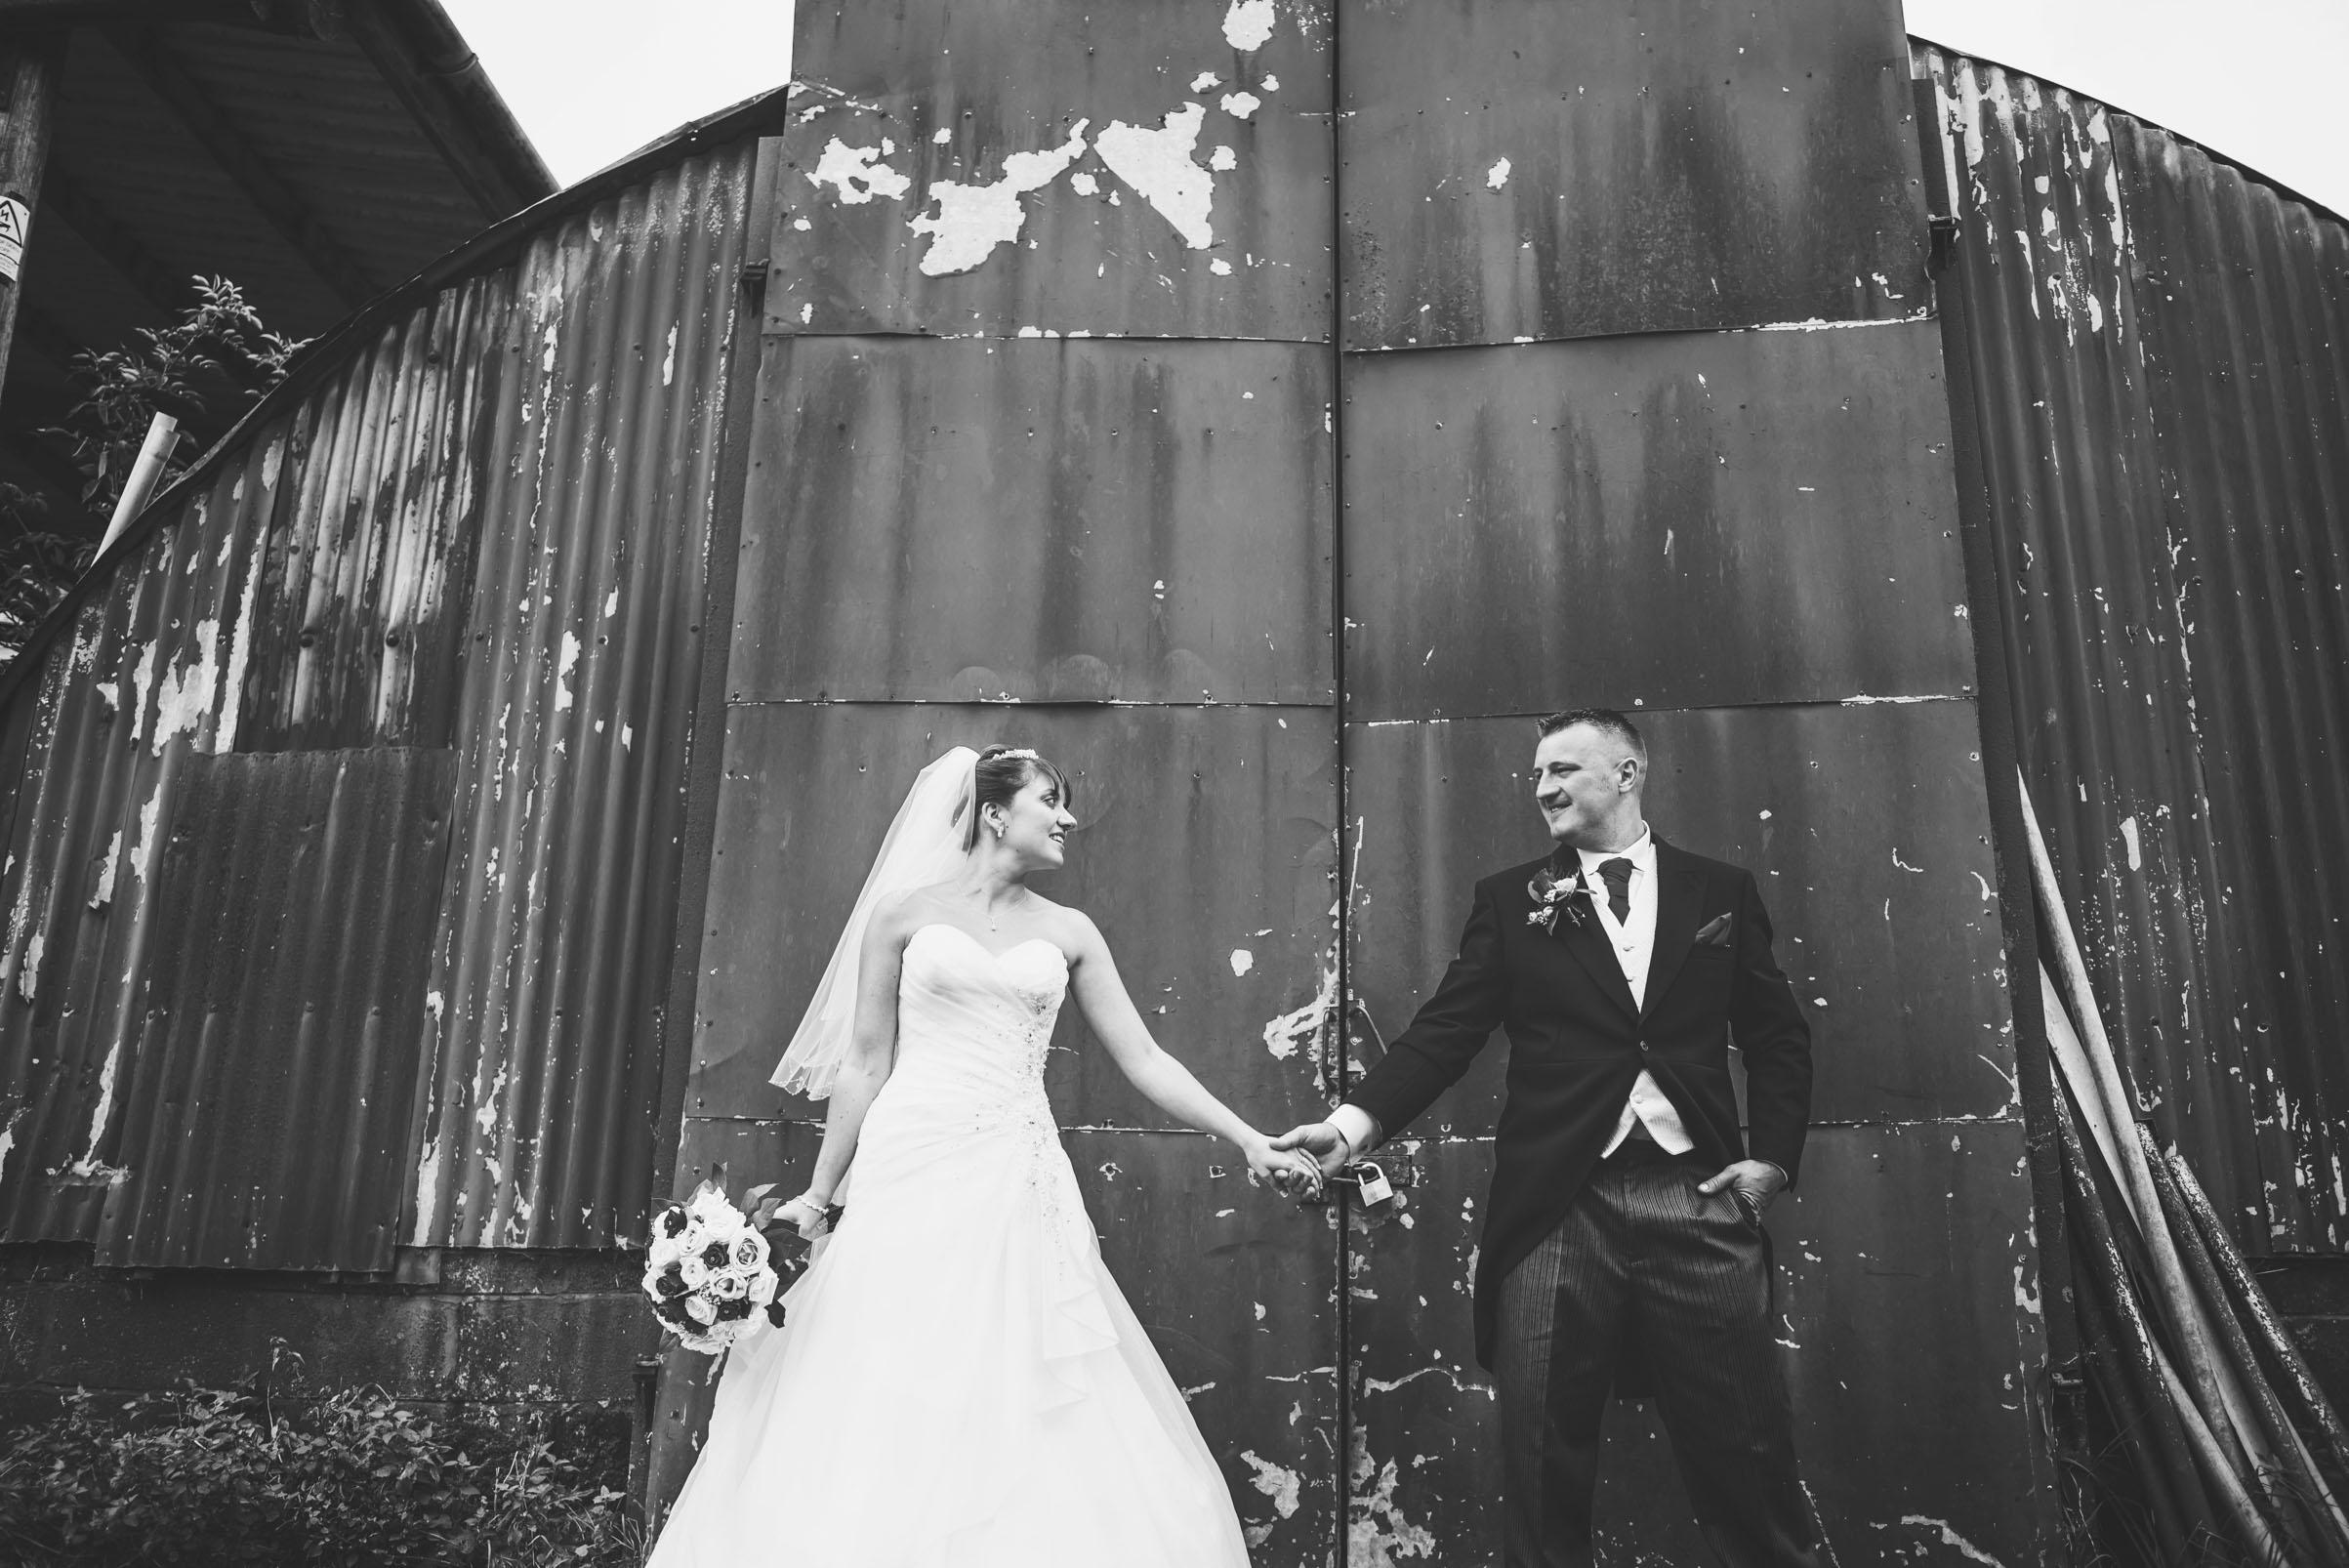 Farm-wedding-staffordshire-st-marys-catholic-church-uttoxter-71.jpg